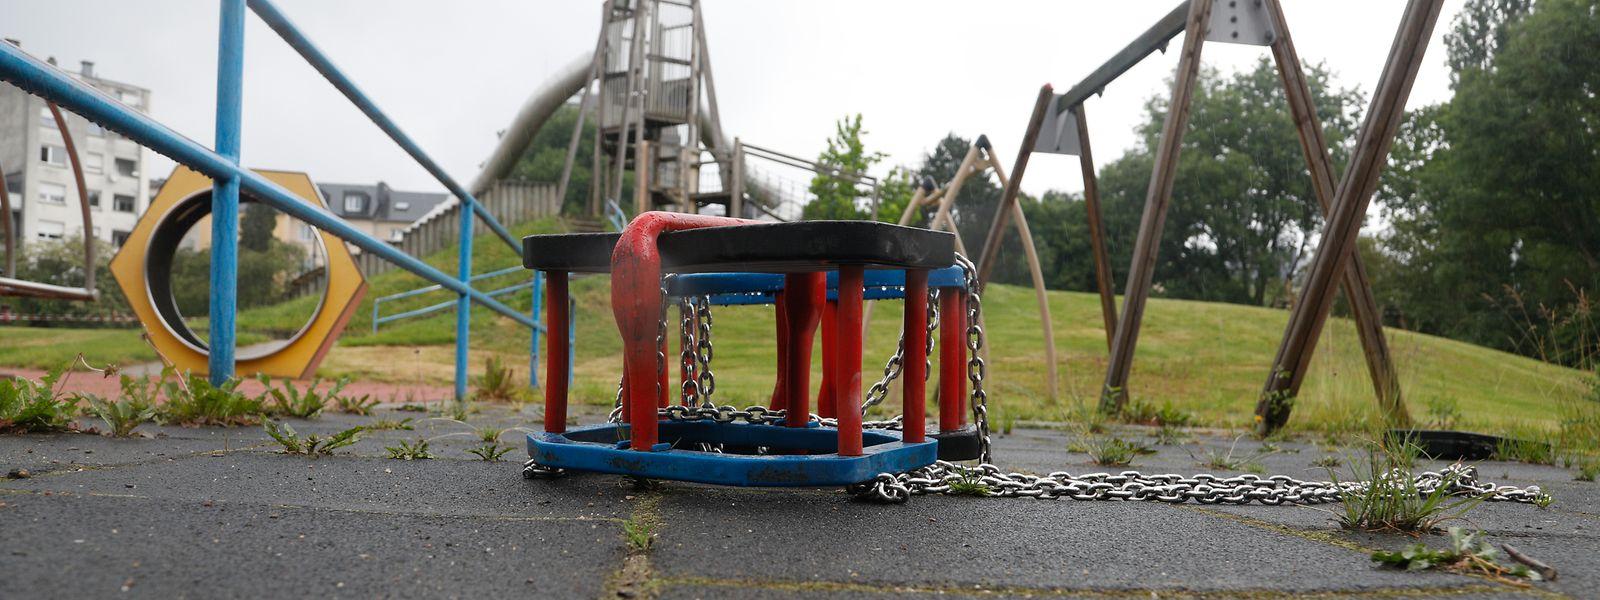 Auf eine klare Ansage und eine kohärente Position zur Spielplatz-Thematik warteten die Bürger lange Zeit vergeblich.